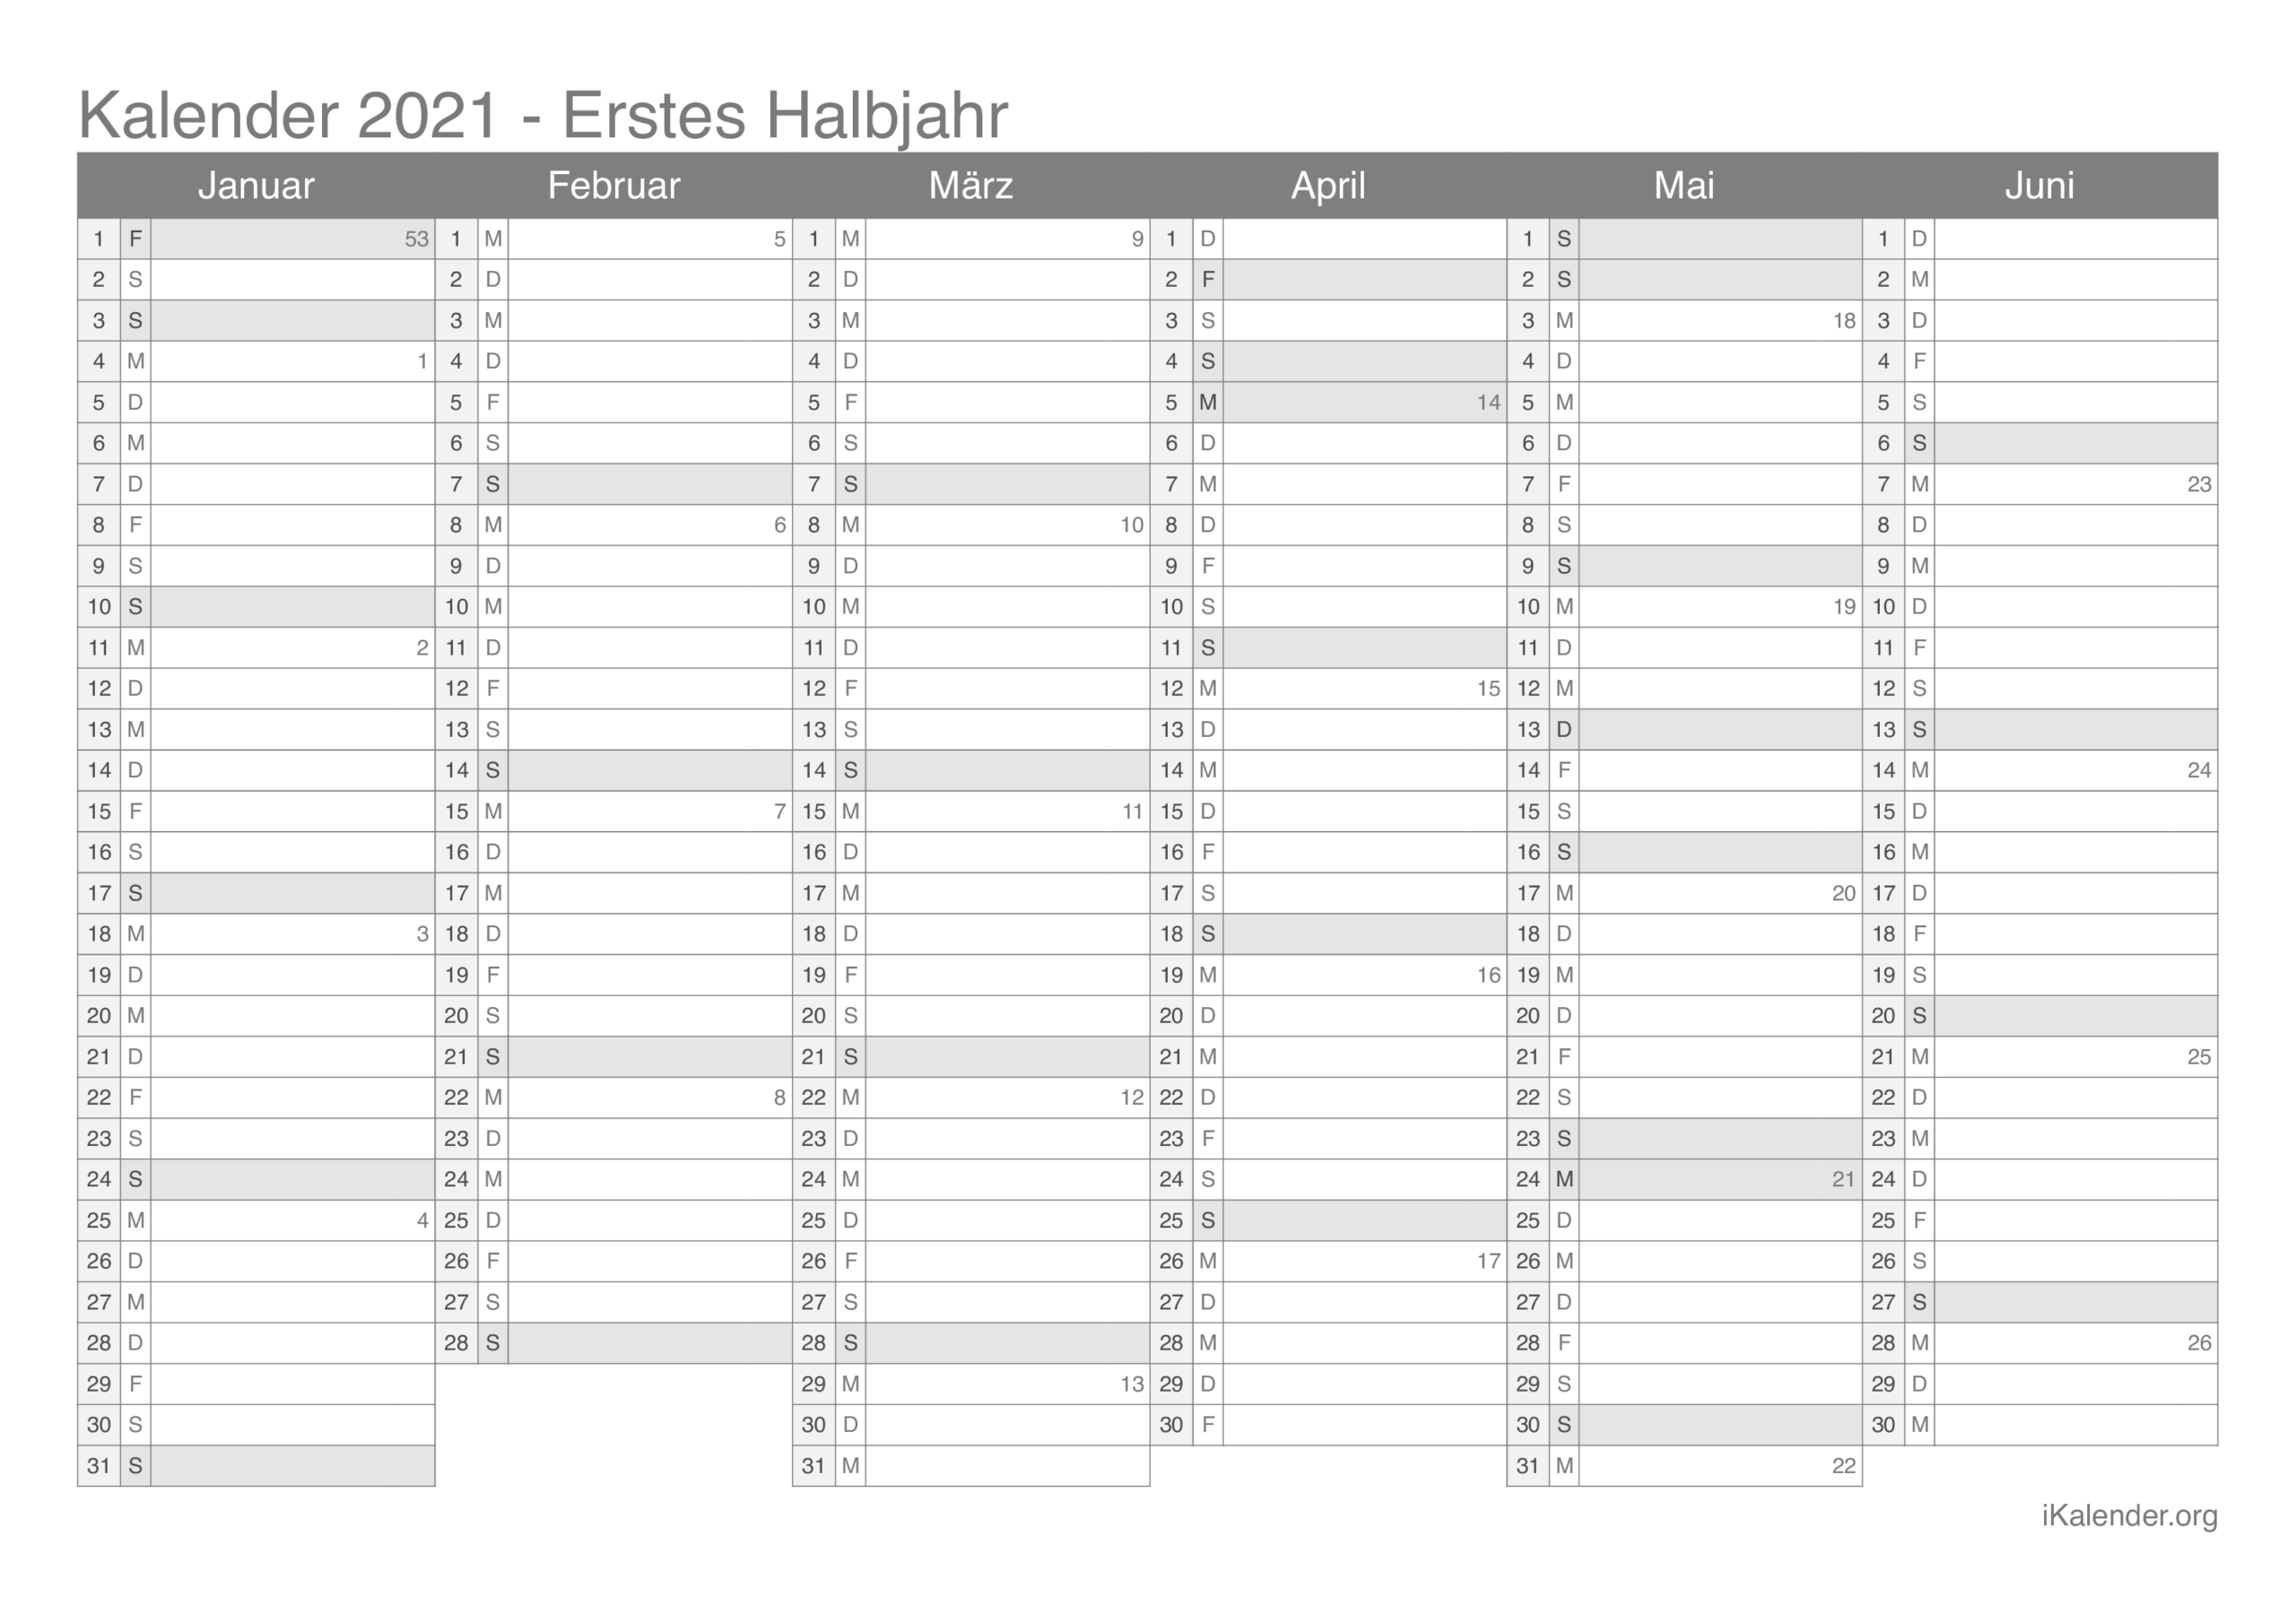 Kalender 2021 Zum Ausdrucken - Ikalender